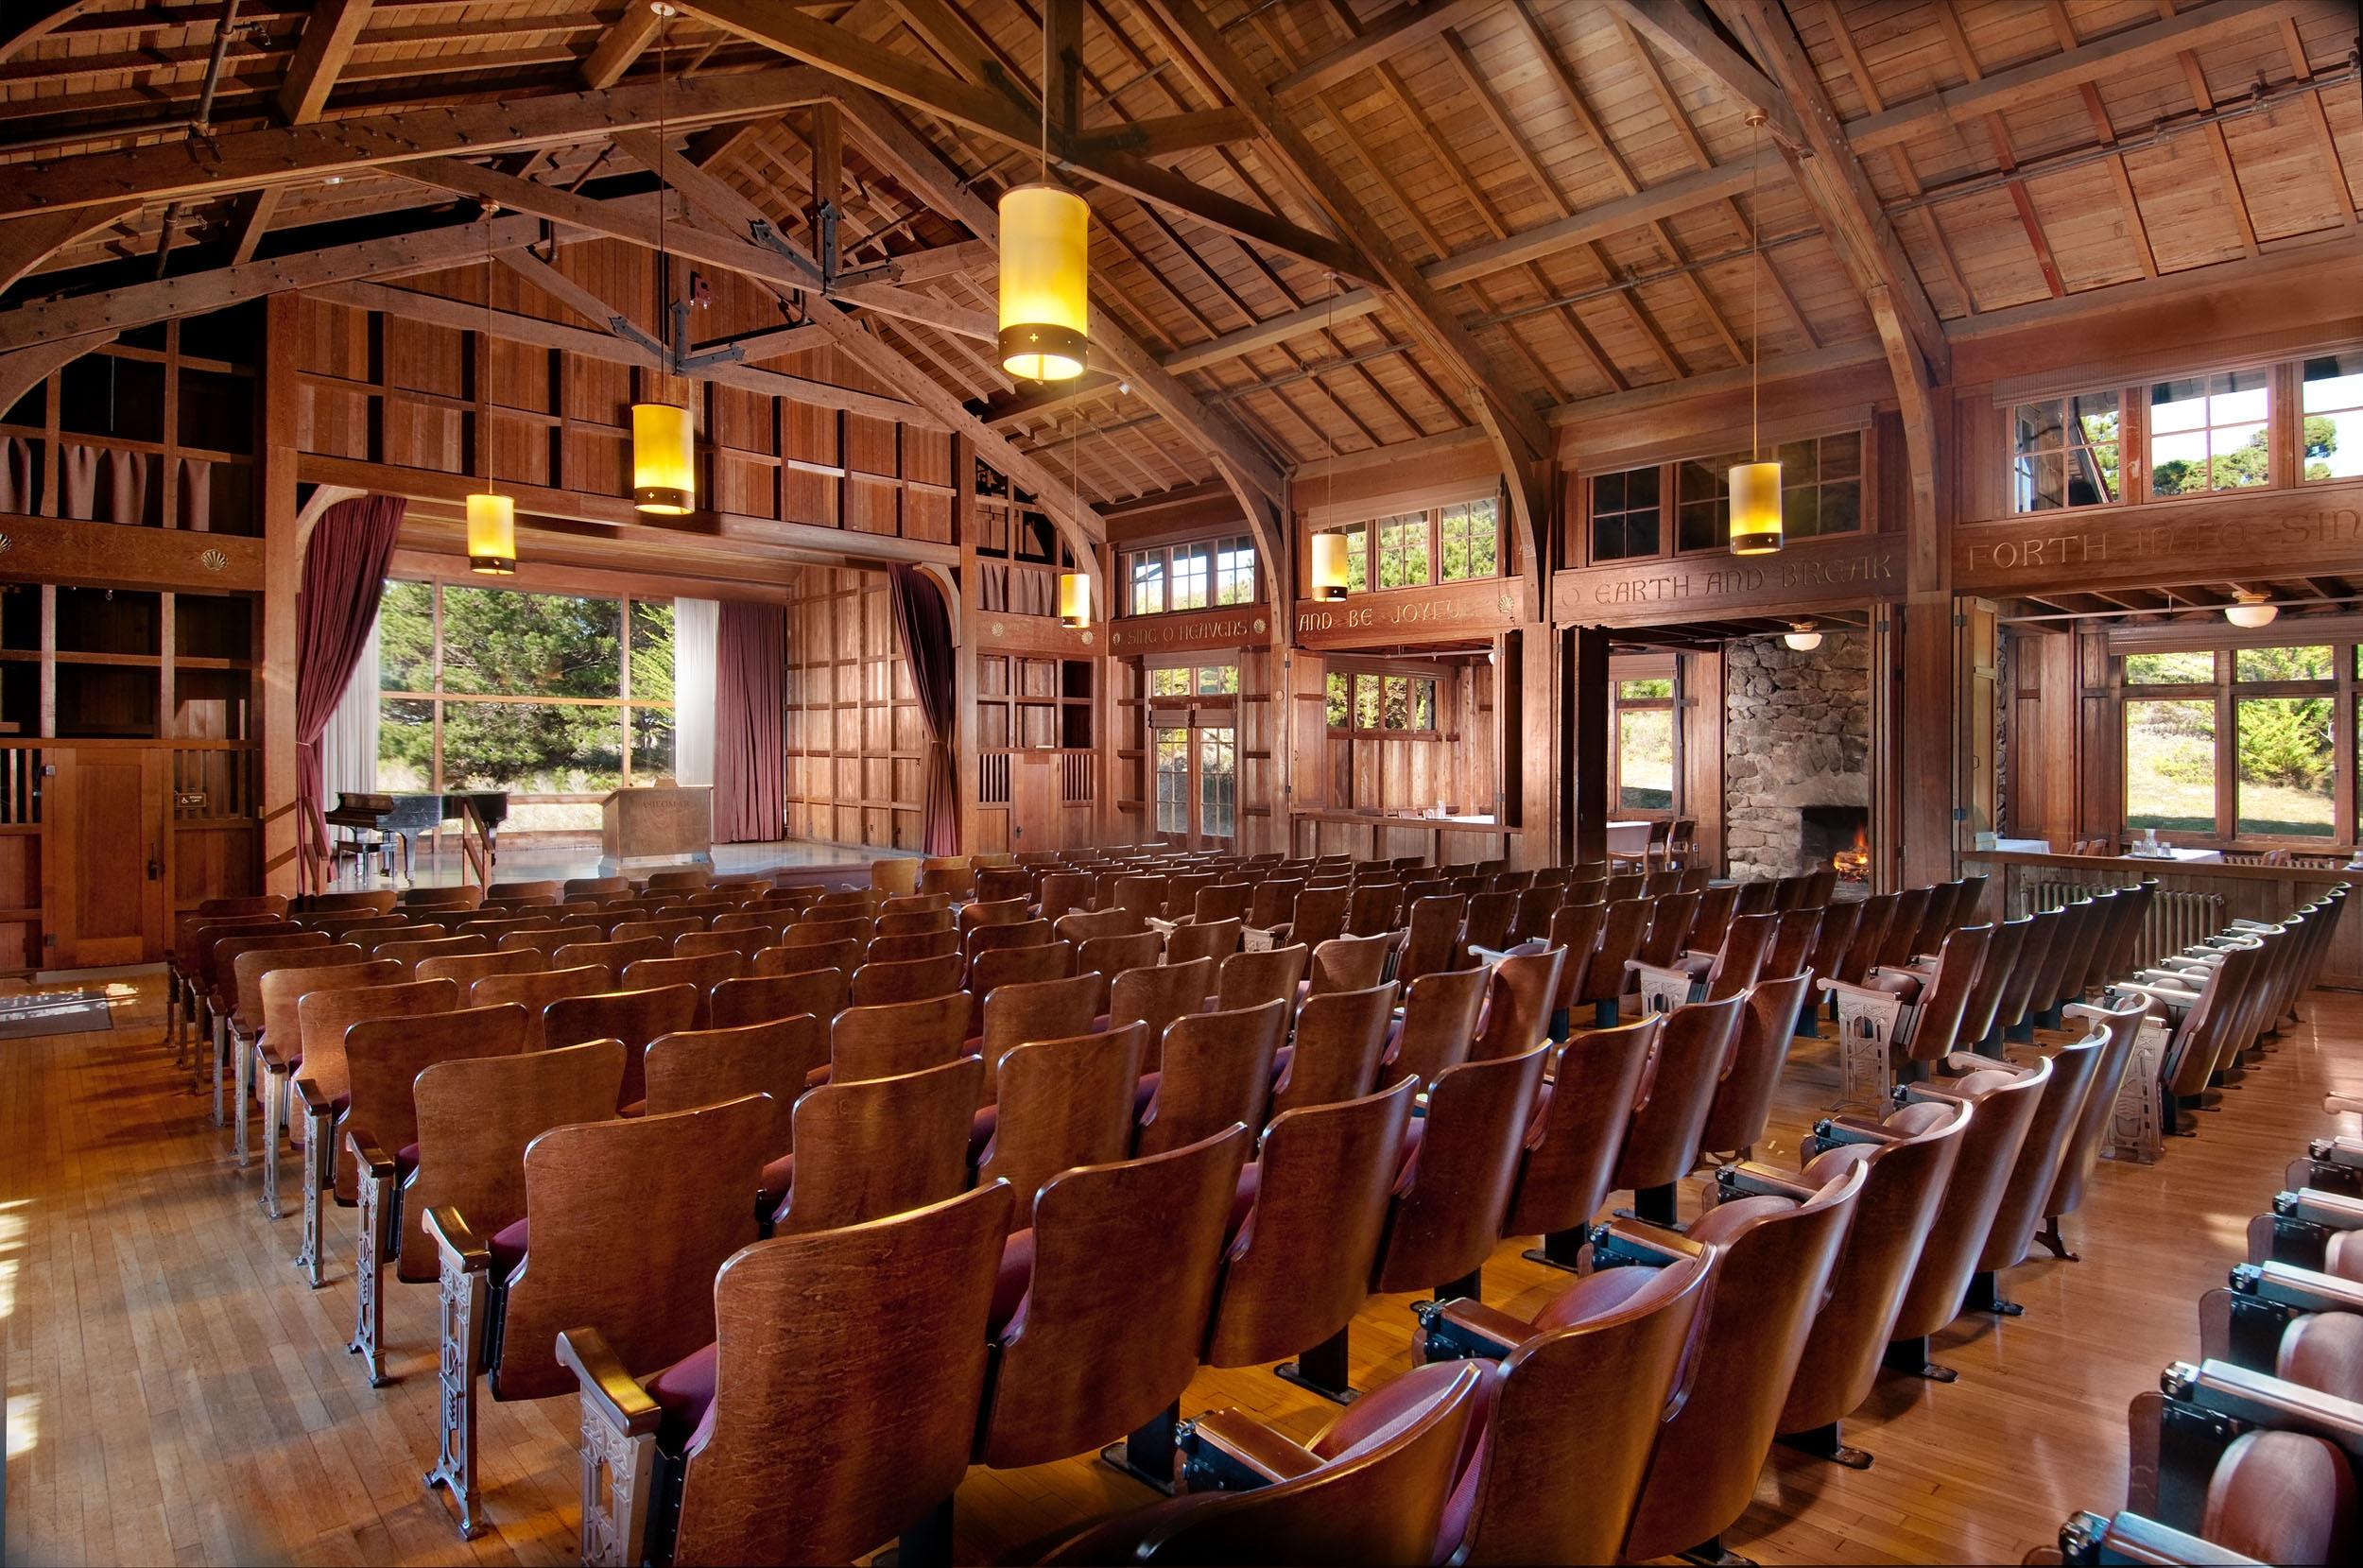 Chapel-Interior_05386596-5056-a36a-0a96ca6f1be50326.jpg